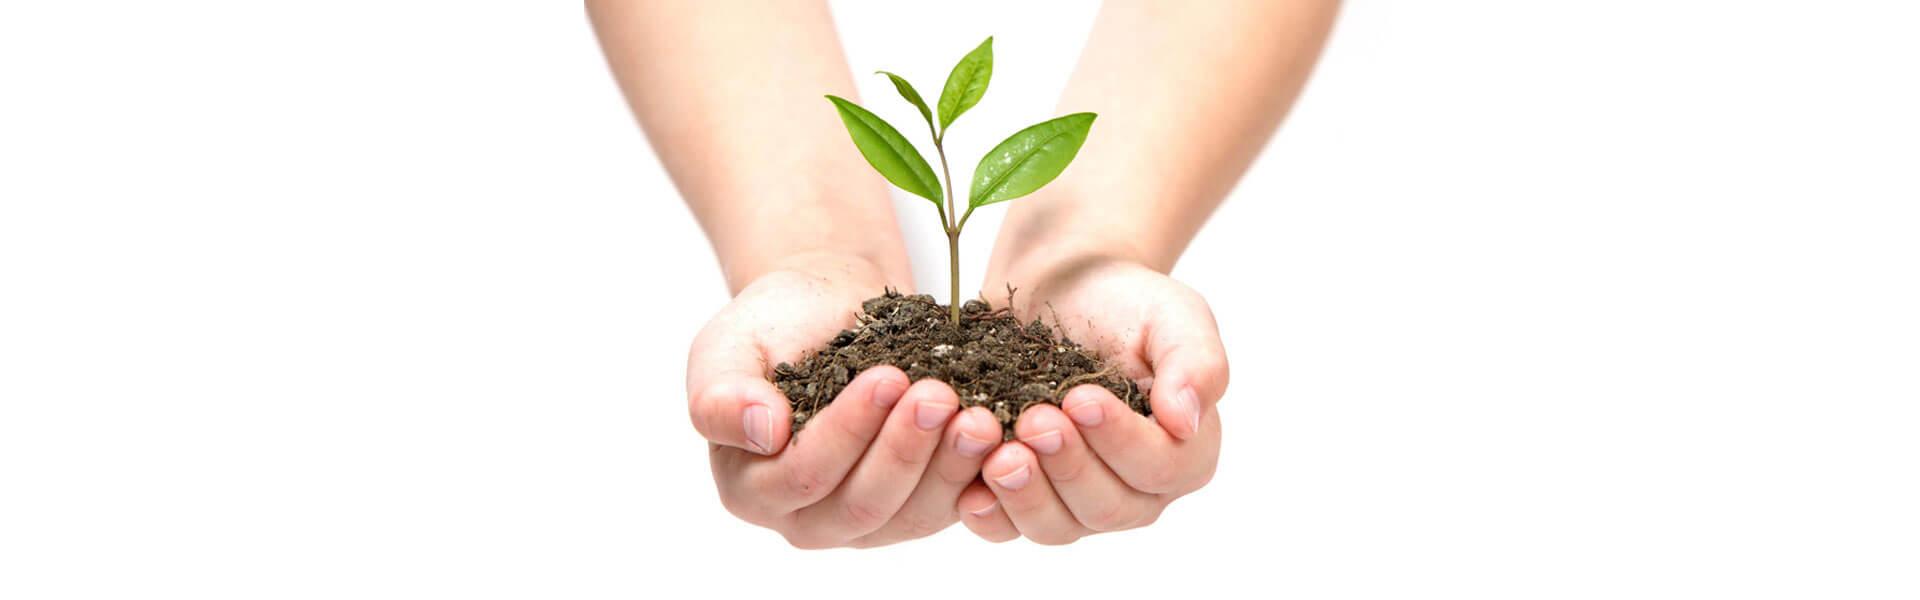 Due mani offrono un mucchietto di terra nel quale è piantato un germoglio